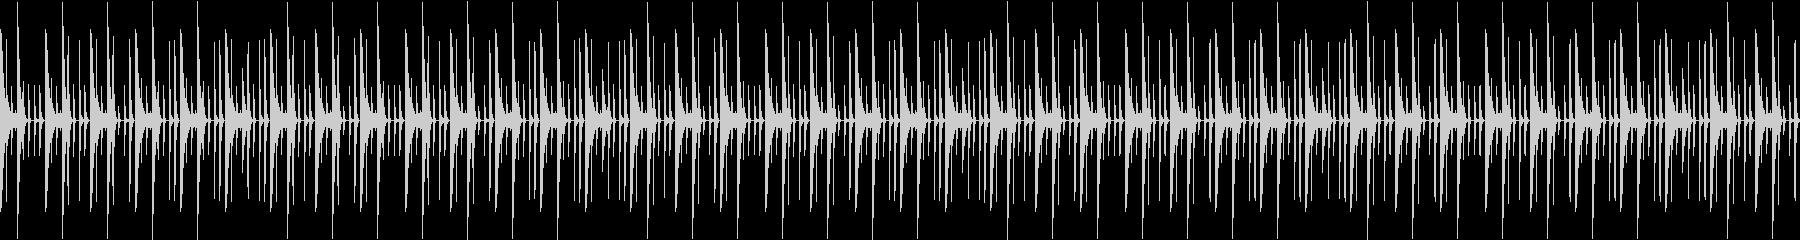 シンキングタイムに使えるパーカッションの未再生の波形